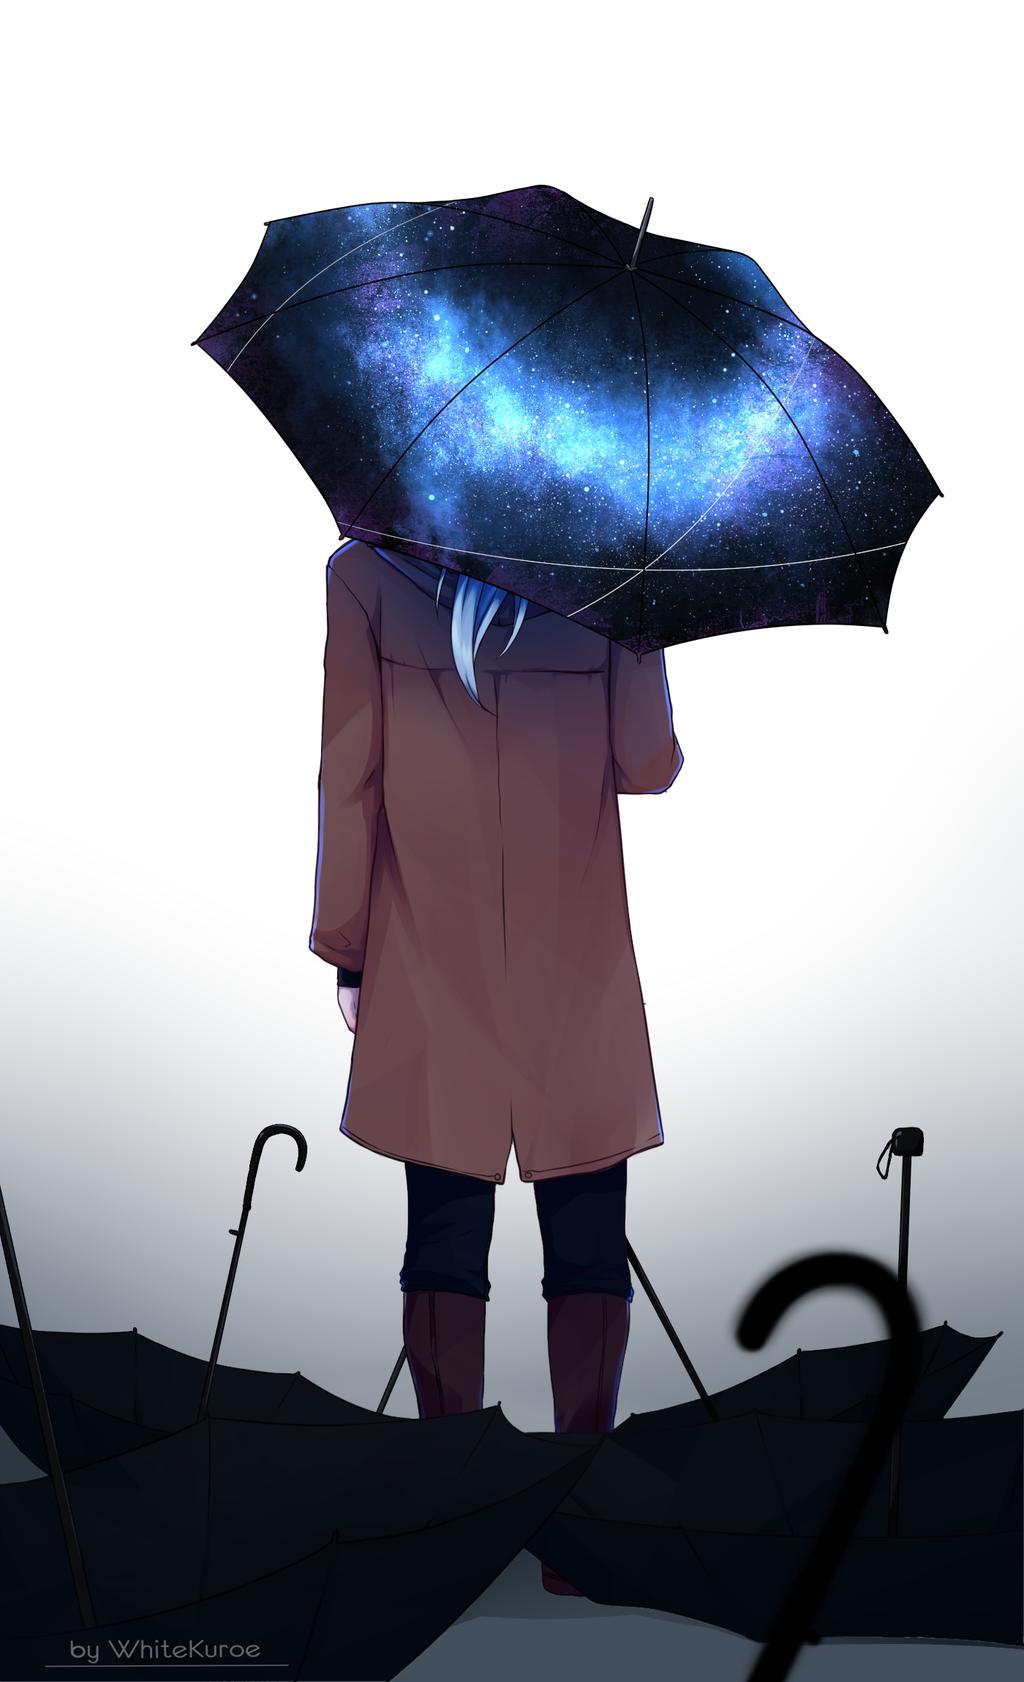 Картинка человека стоящего спиной под зонтом хочется выстричь